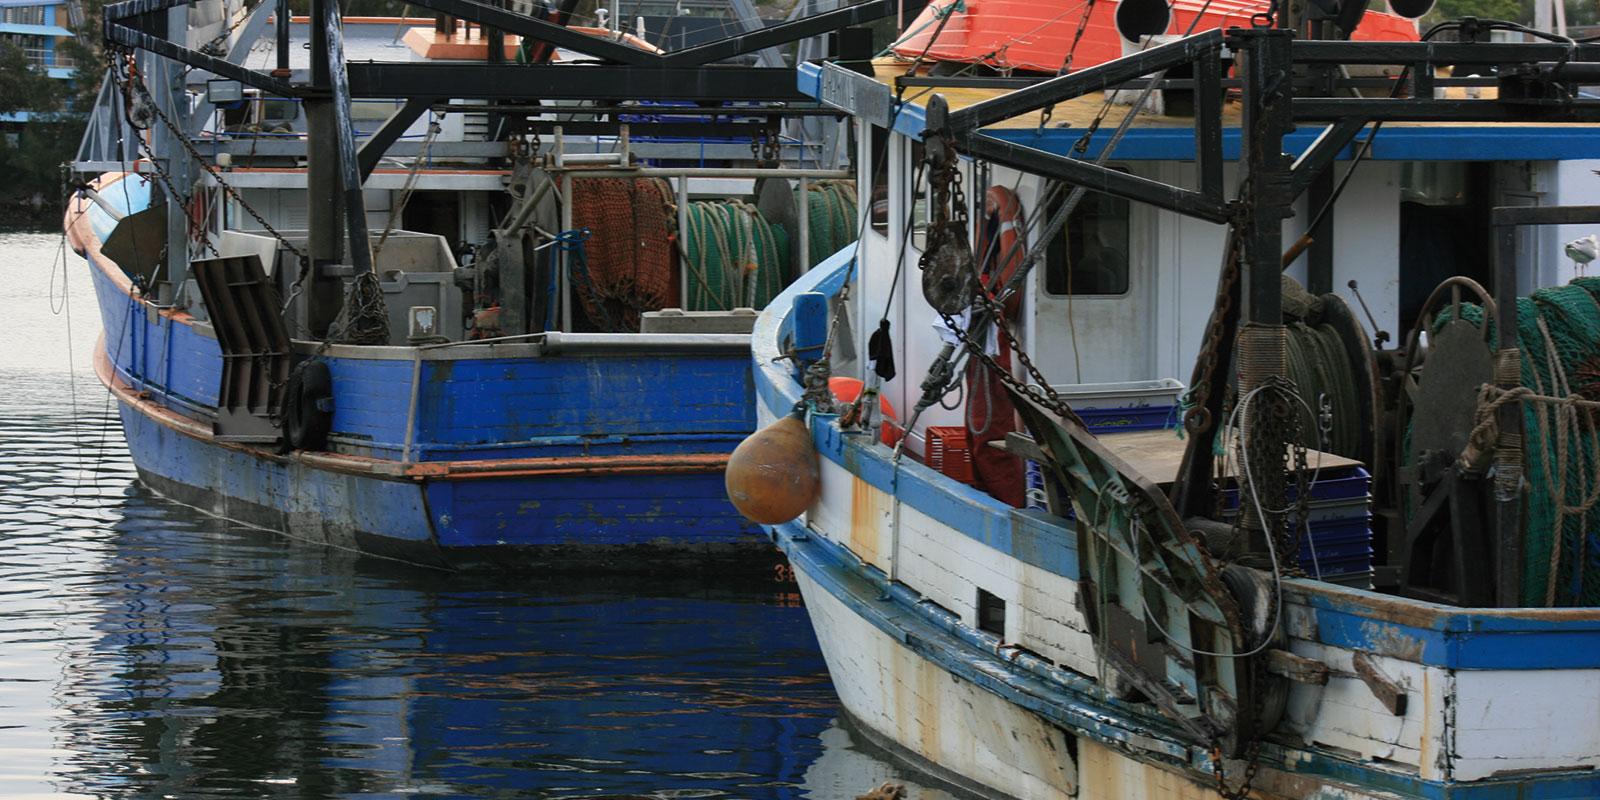 Fish Markets, boats, Sydney